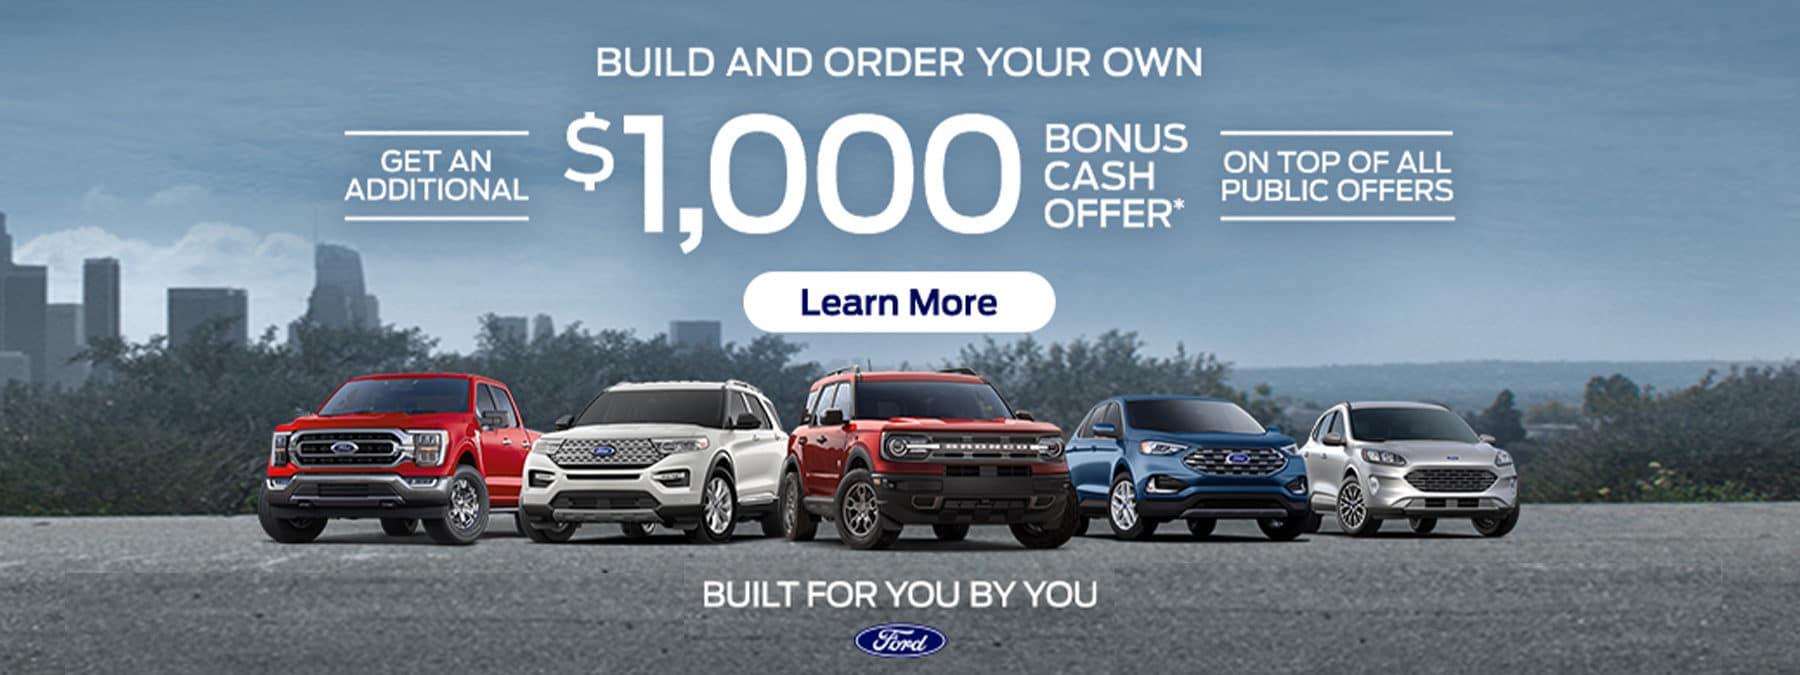 New Ford Build $1000 Bonus Cash Offer